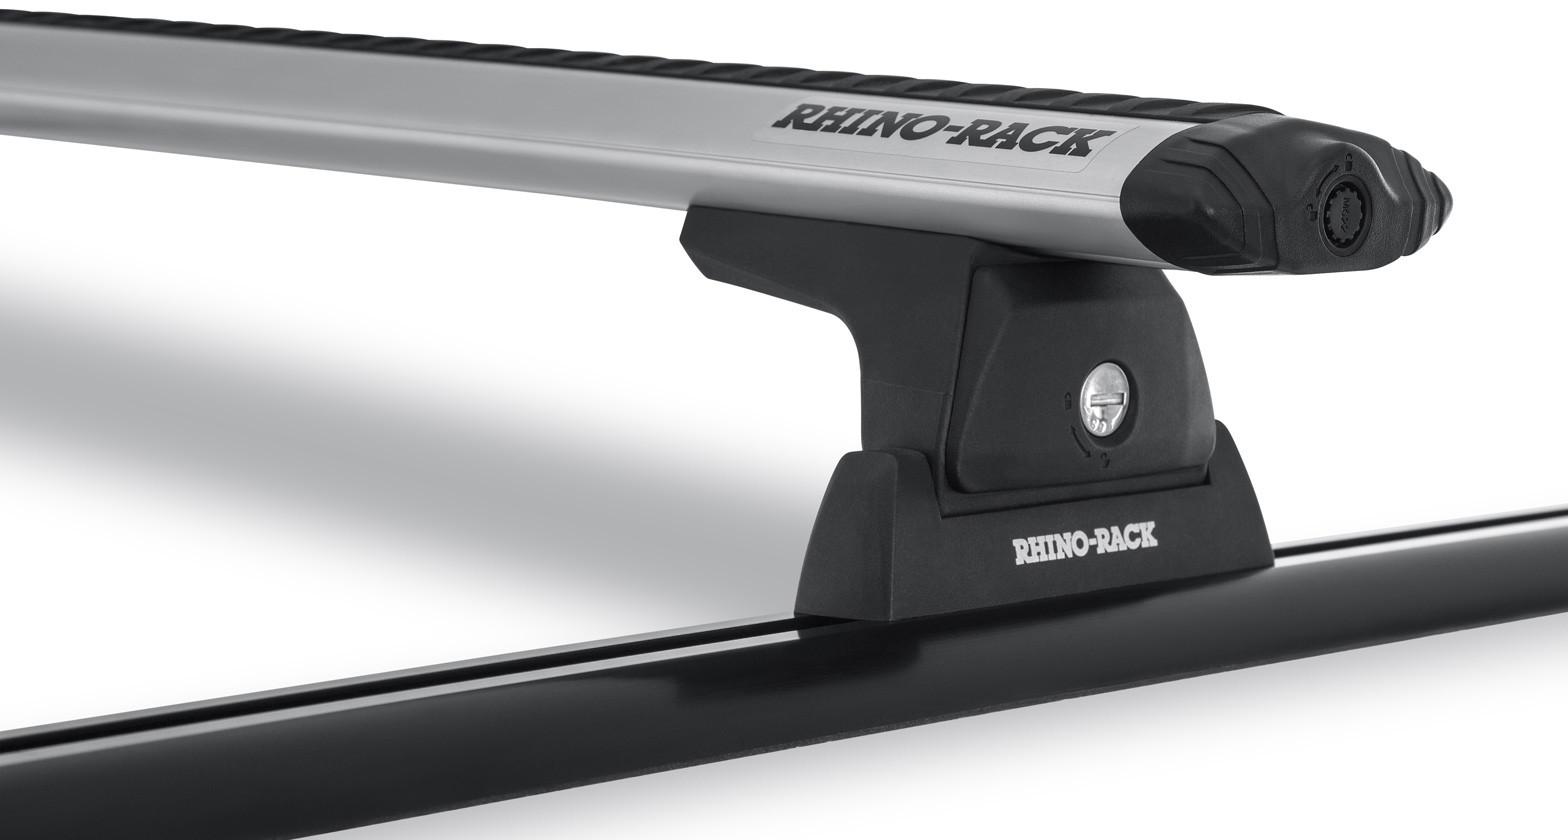 Rhino-Rack Vortex RLT600 Trackmount Silver 2 Bar Roof Rack For 2011-18 Jeep Wrangler JK  JA6197